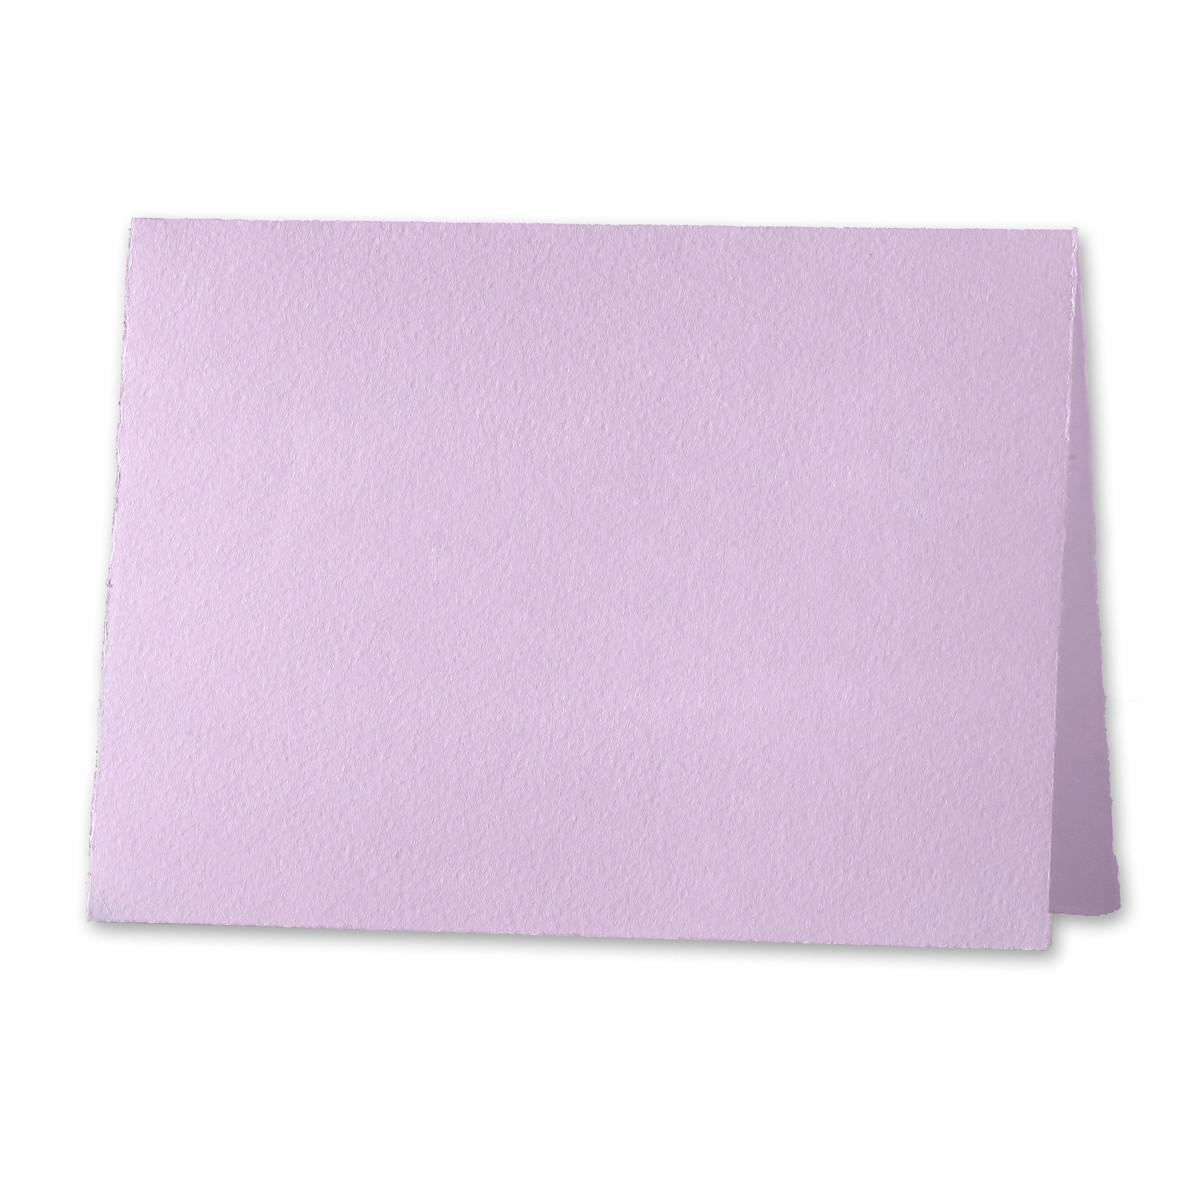 """Arturo Lavender Grande Invitation Foldovers (700LC) 97# Cover (7.88"""" x 11.75"""" open size) Pack of 50"""